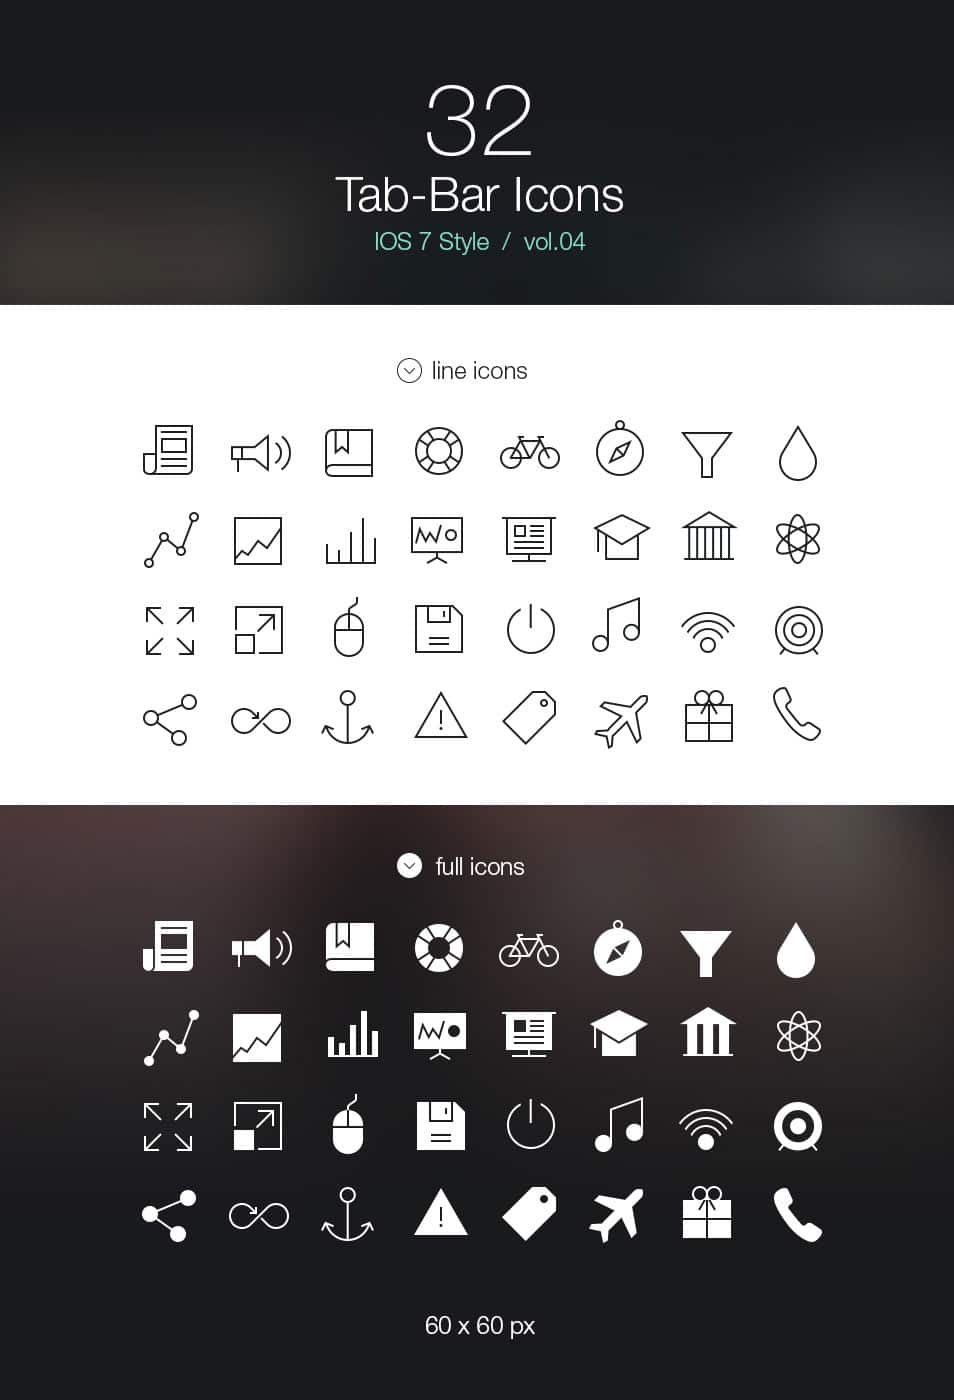 Tab Bar Icons iOS 7 Vol4